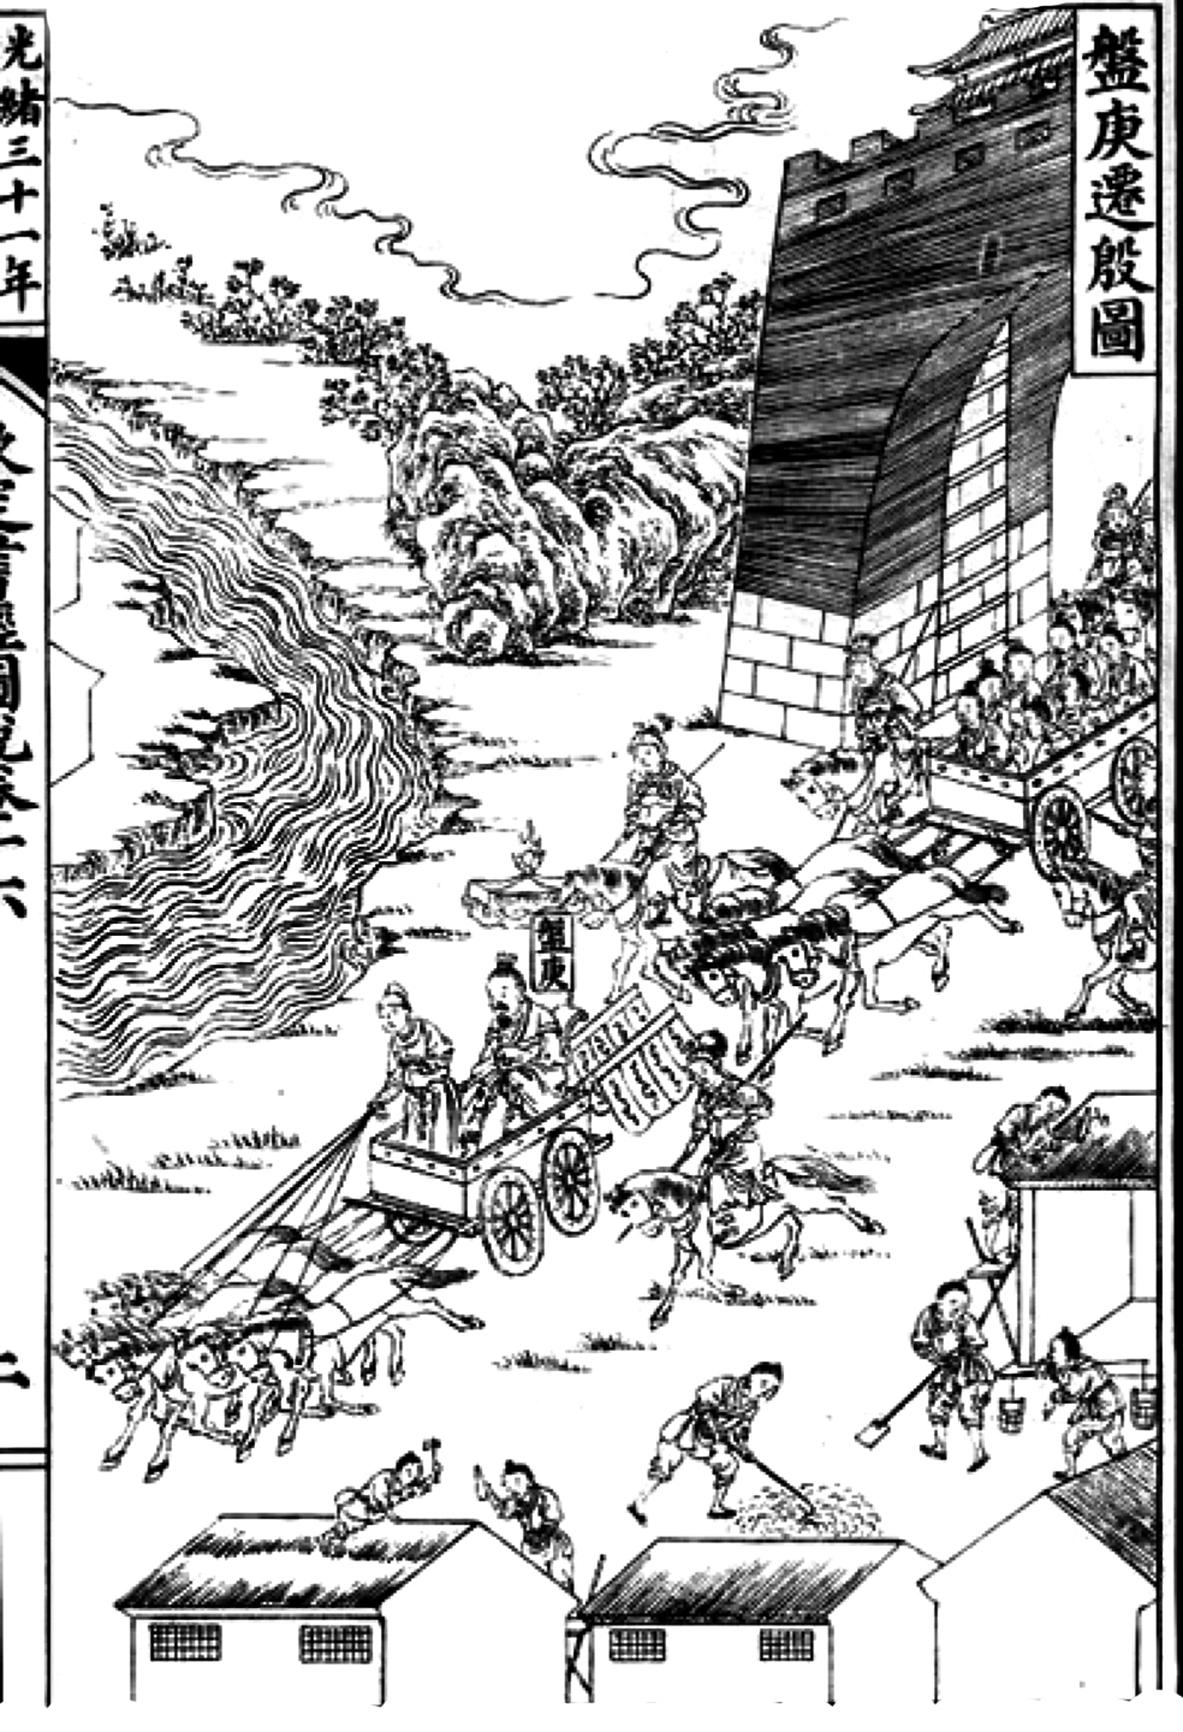 中國歷史正述商之十---盤庚遷殷...